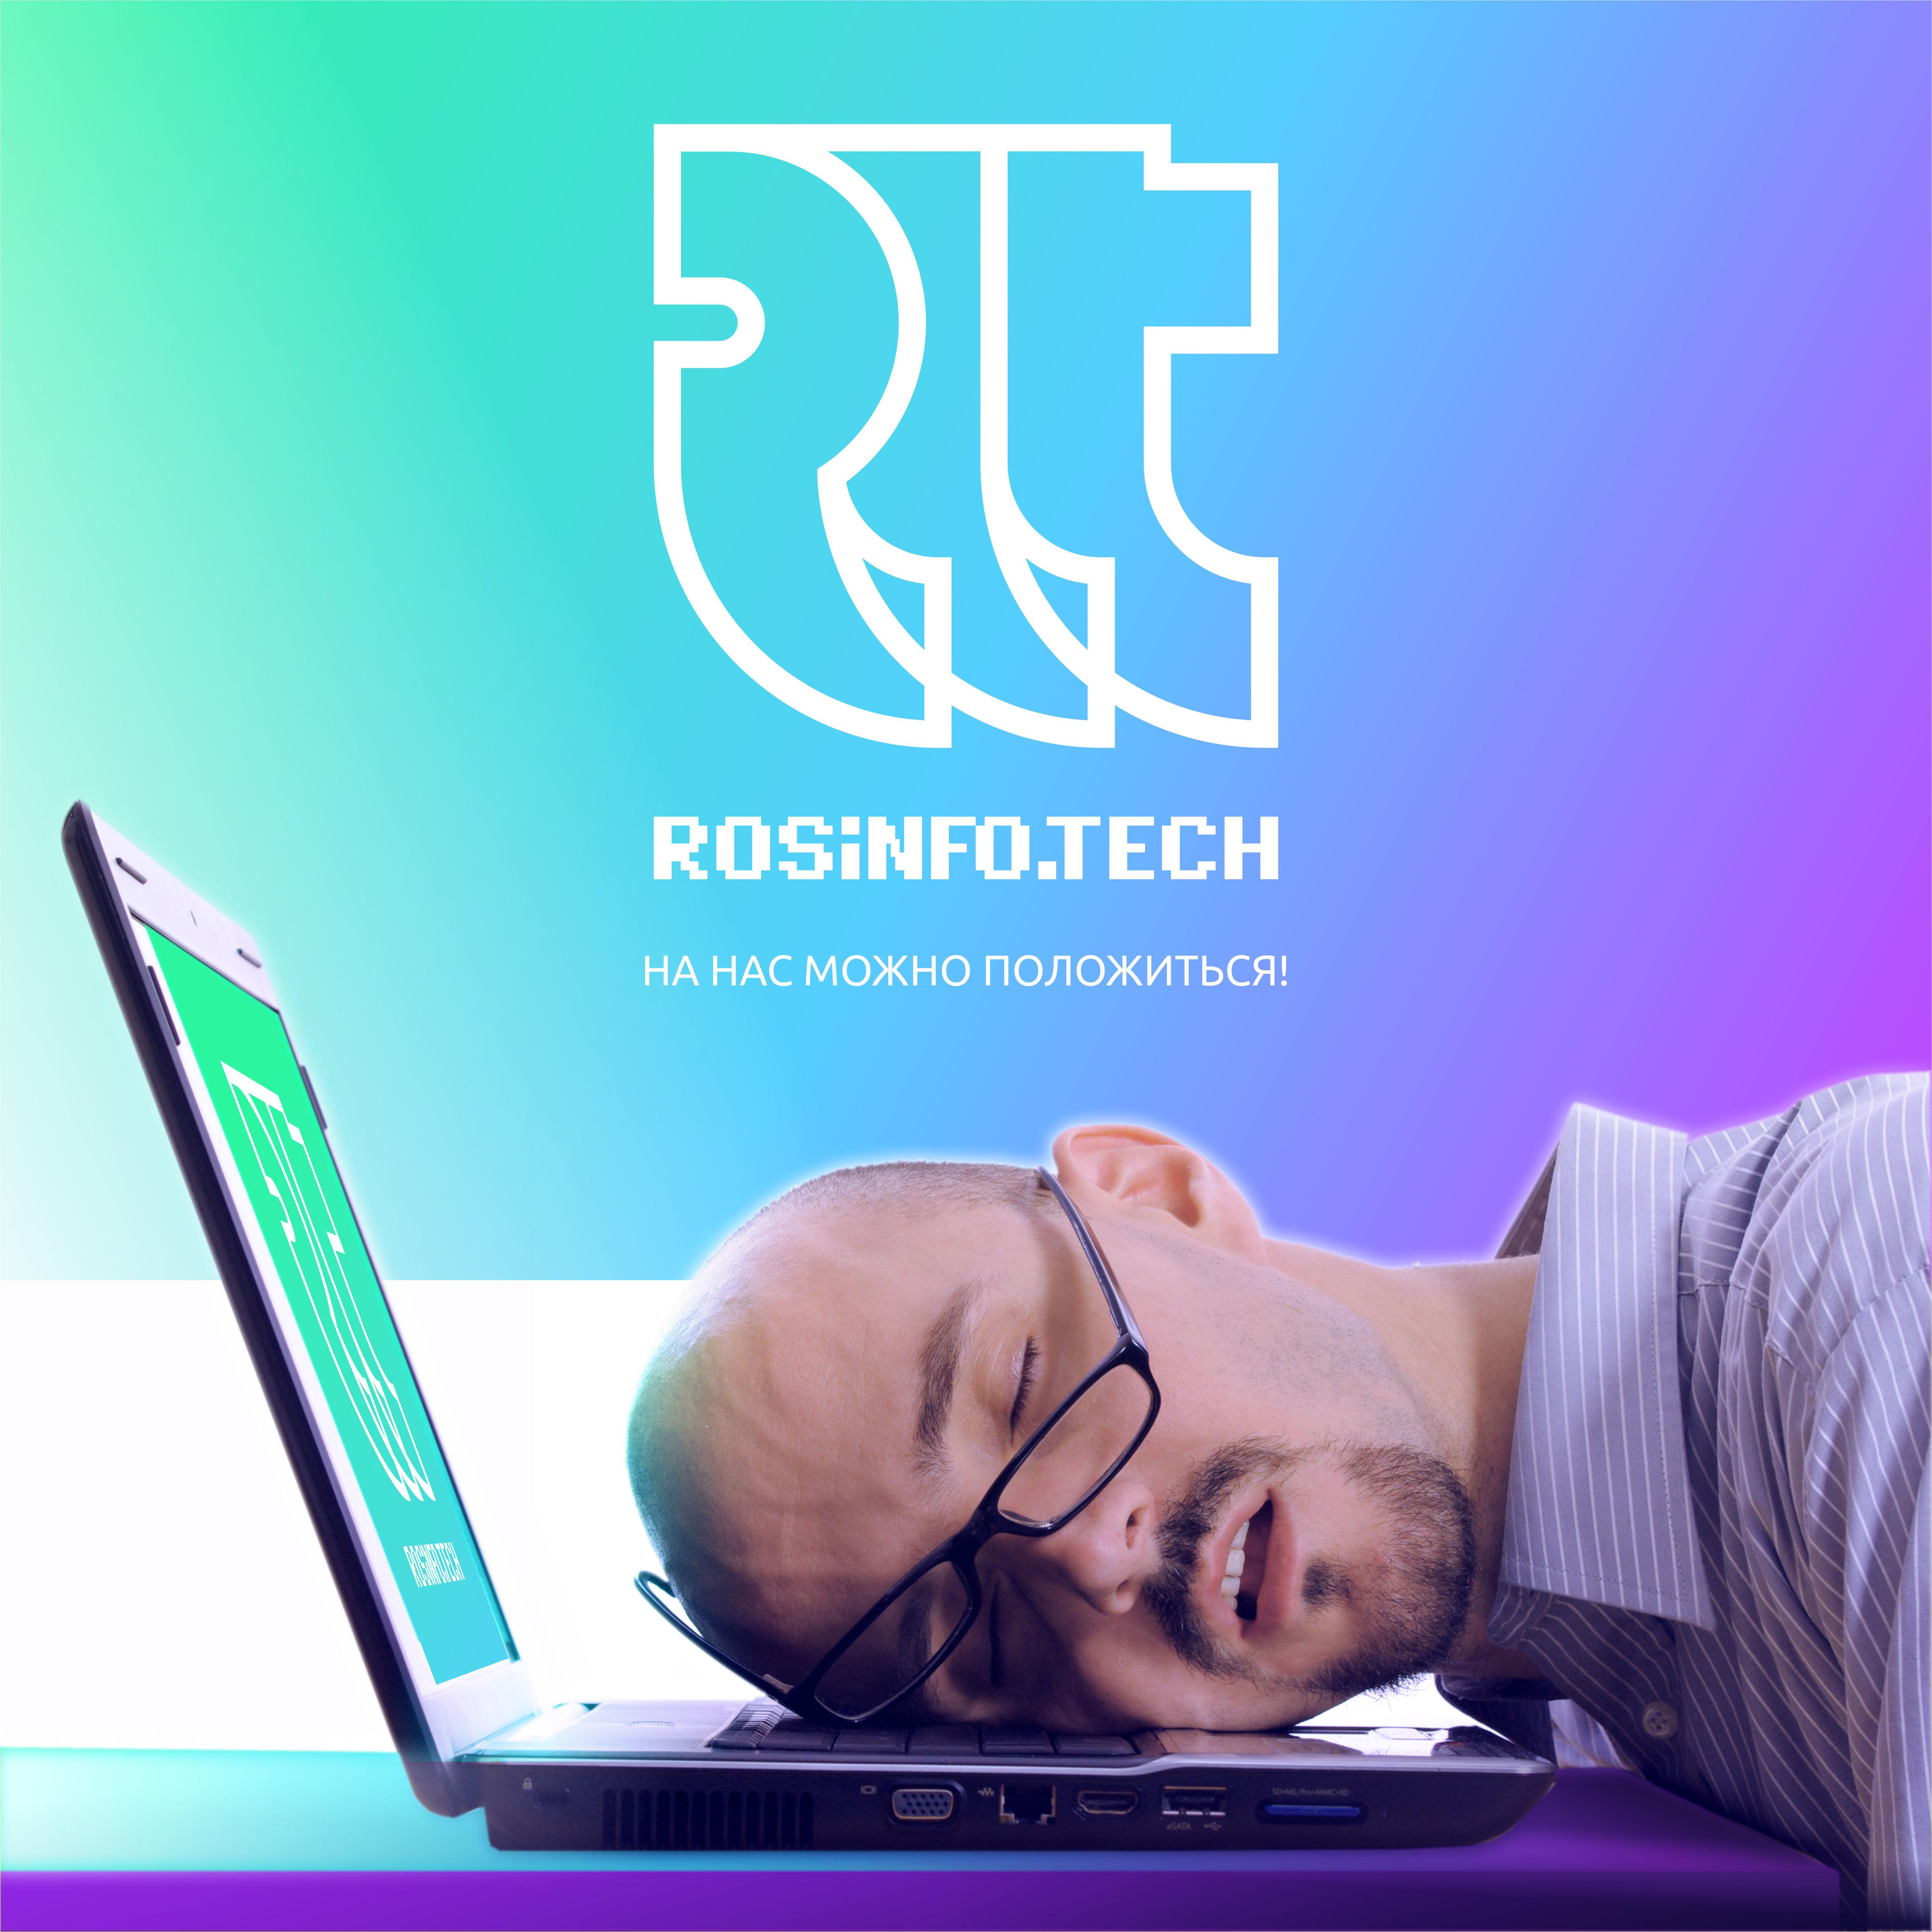 Разработка пакета айдентики rosinfo.tech фото f_2865e29458636fca.jpg